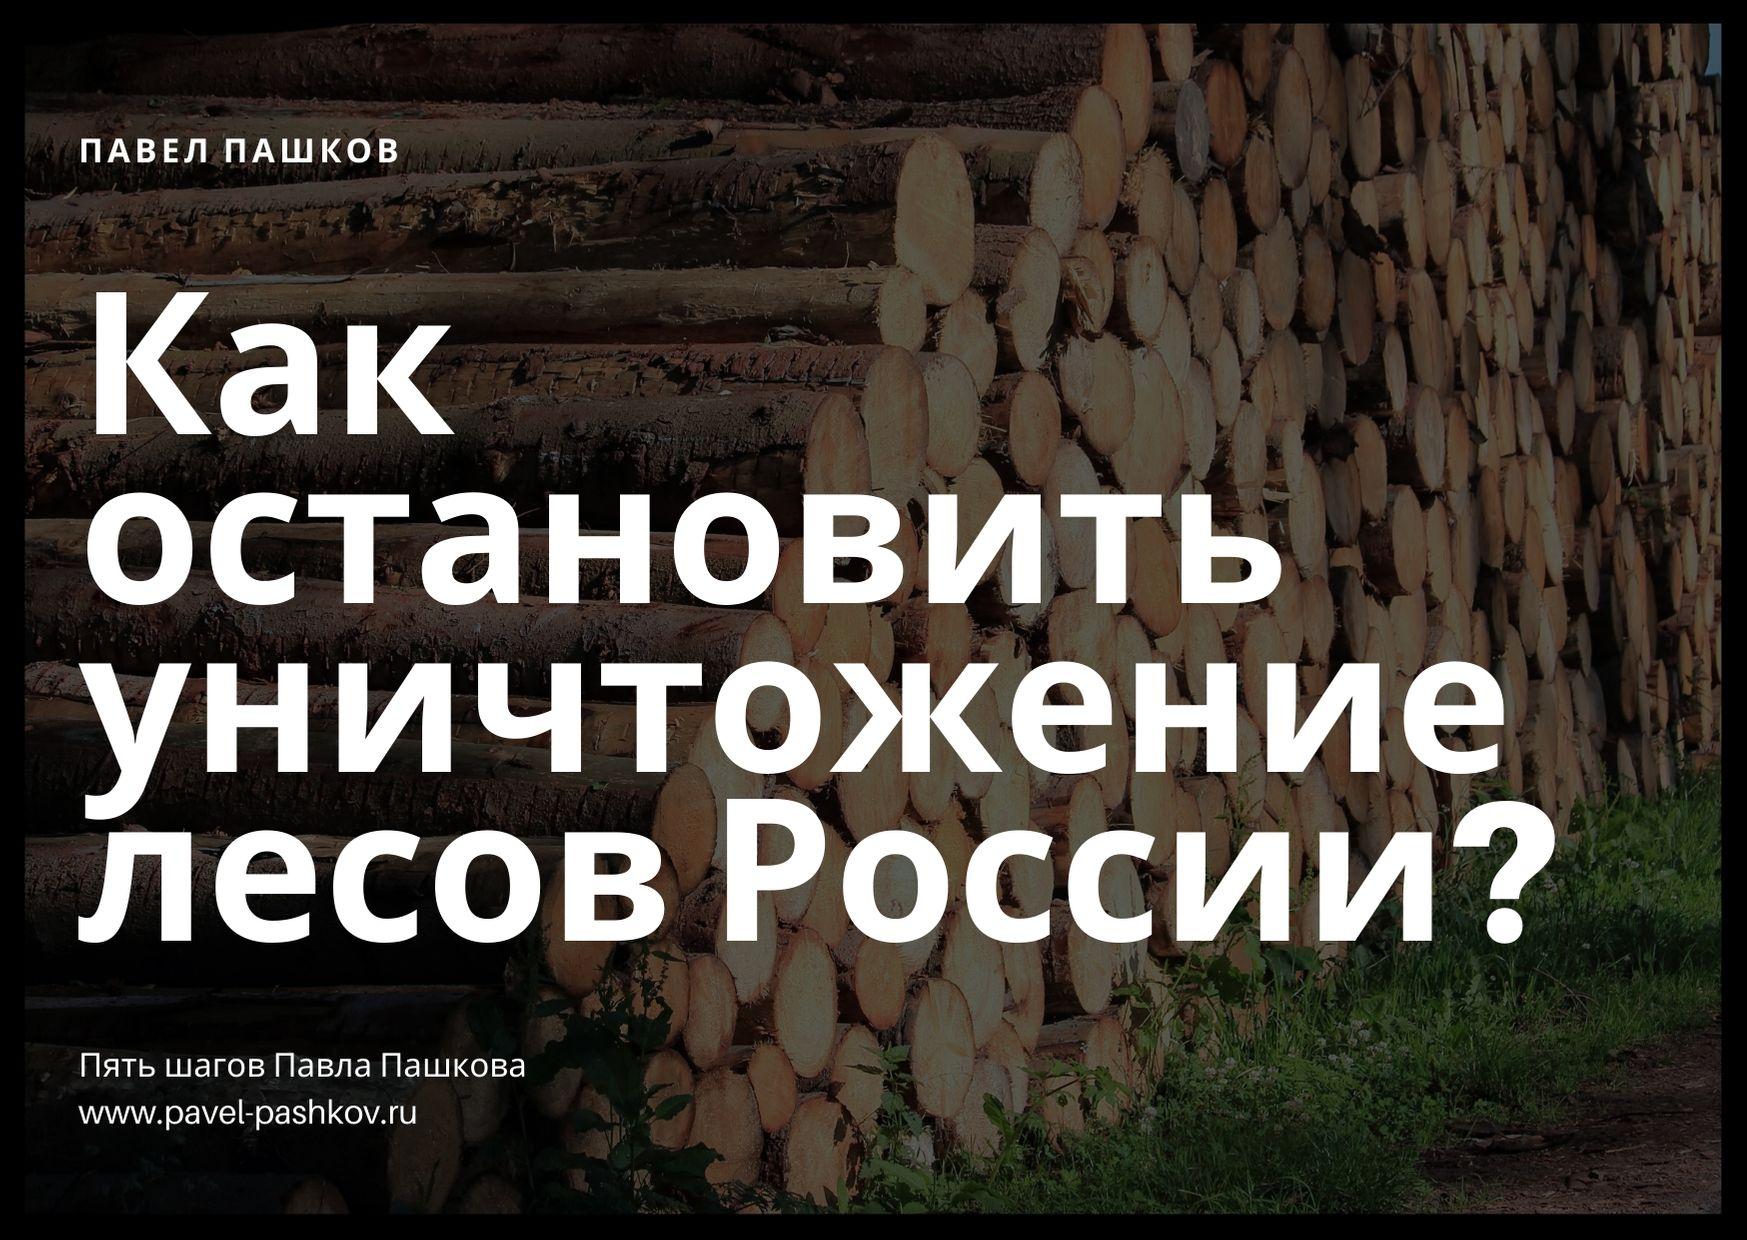 Как остановить уничтожение лесов России? Пять шагов Павла Пашкова.